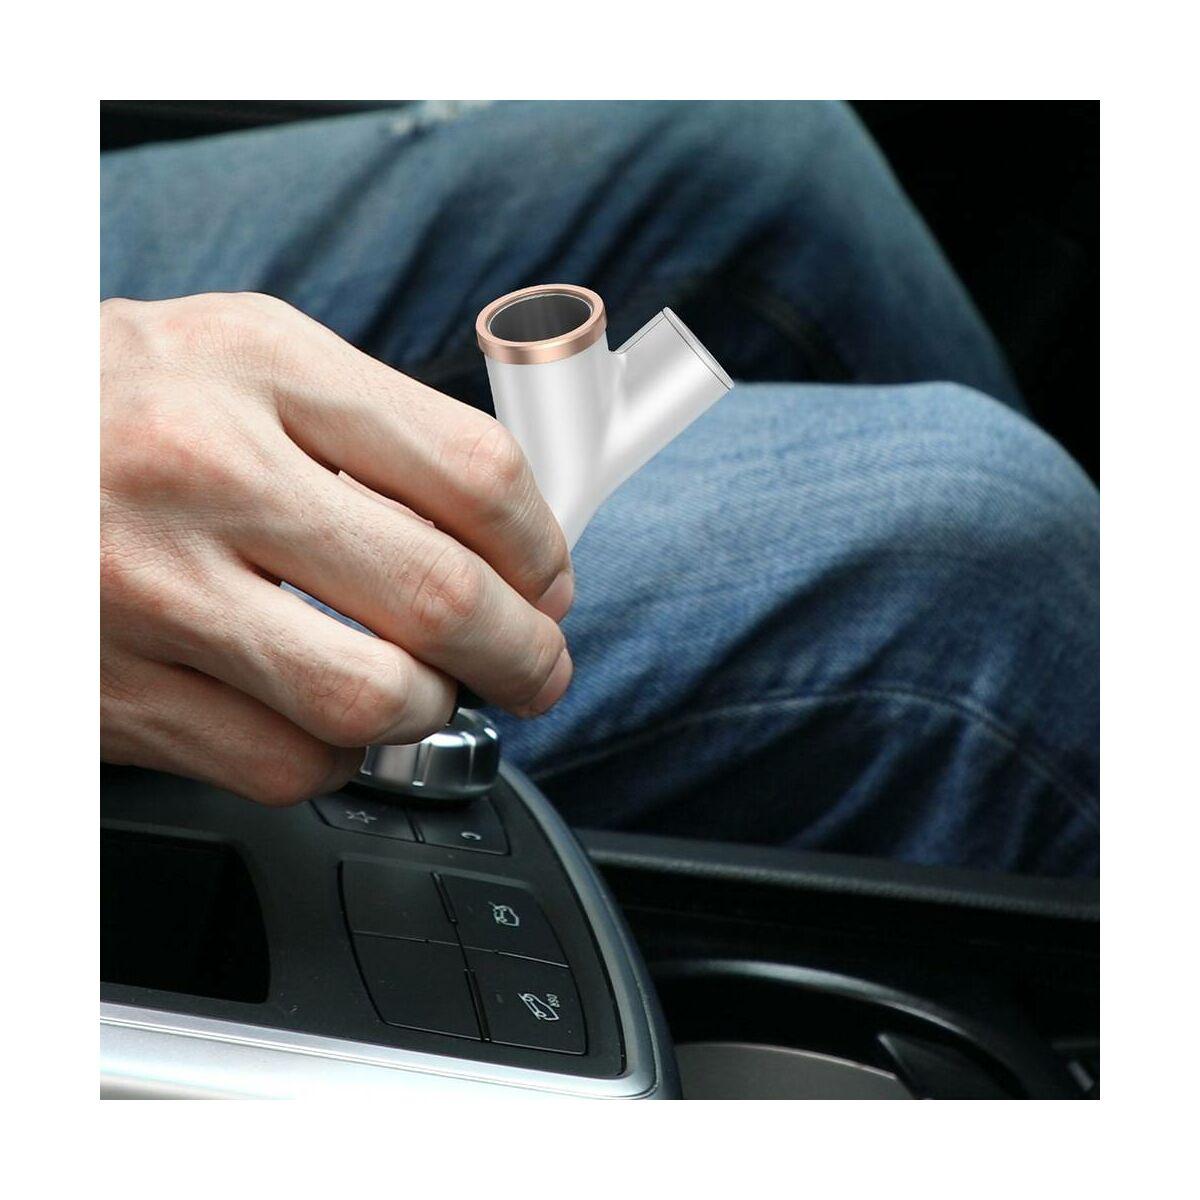 Baseus autós töltő, Y-type Dupla USB szivargyújtóval, max 3.4A, fehér (CCALL-YX02)